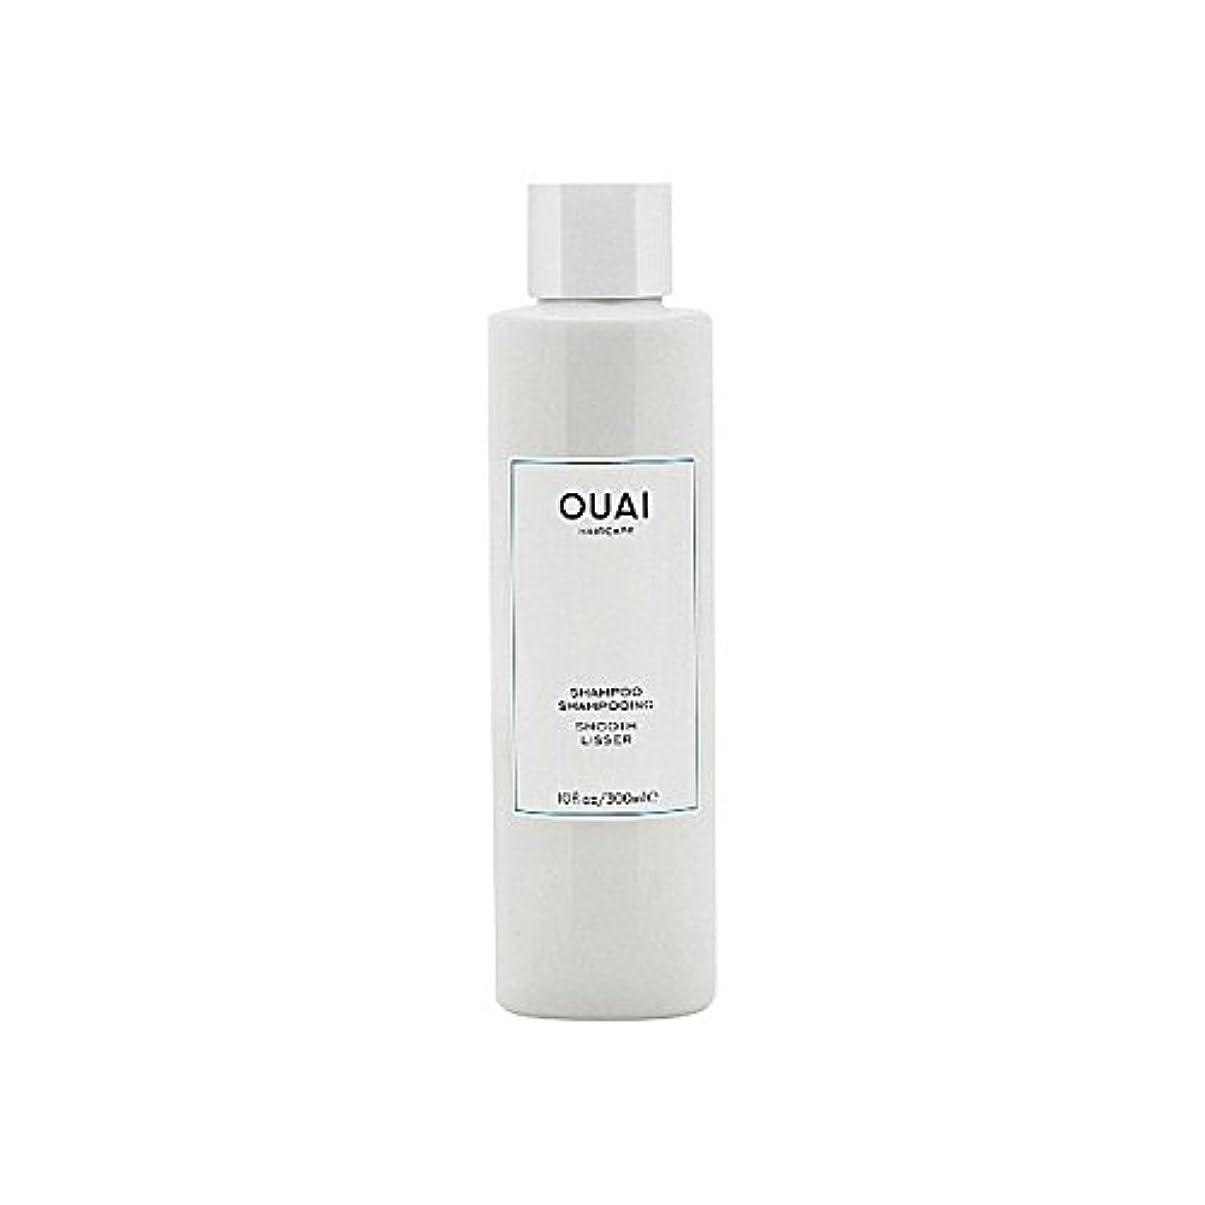 平日メディックチャップOuai Smooth Shampoo 300ml - スムーズなシャンプー300ミリリットル [並行輸入品]